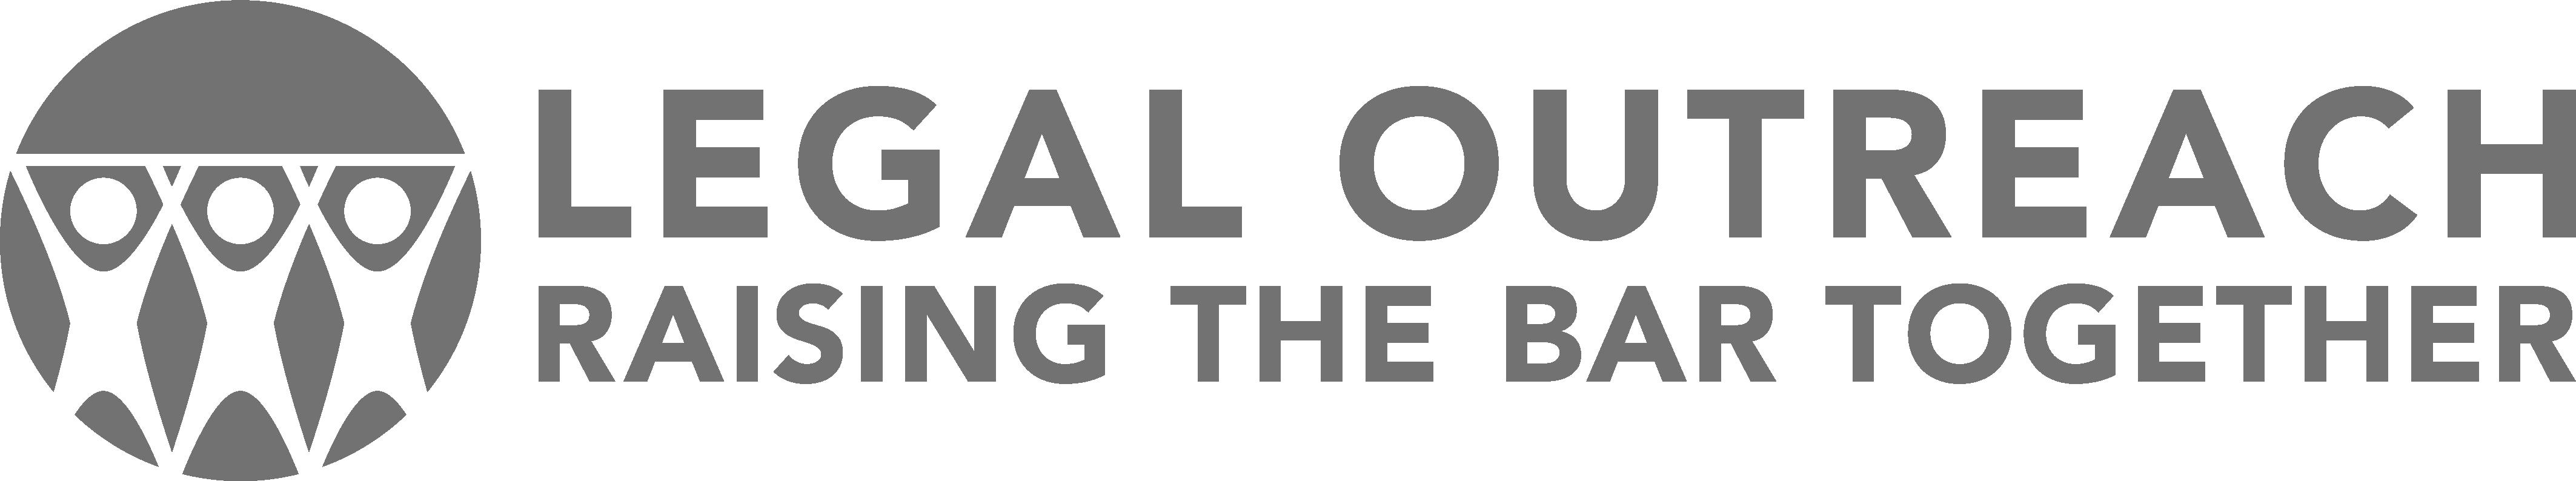 Legal Outreach Logo